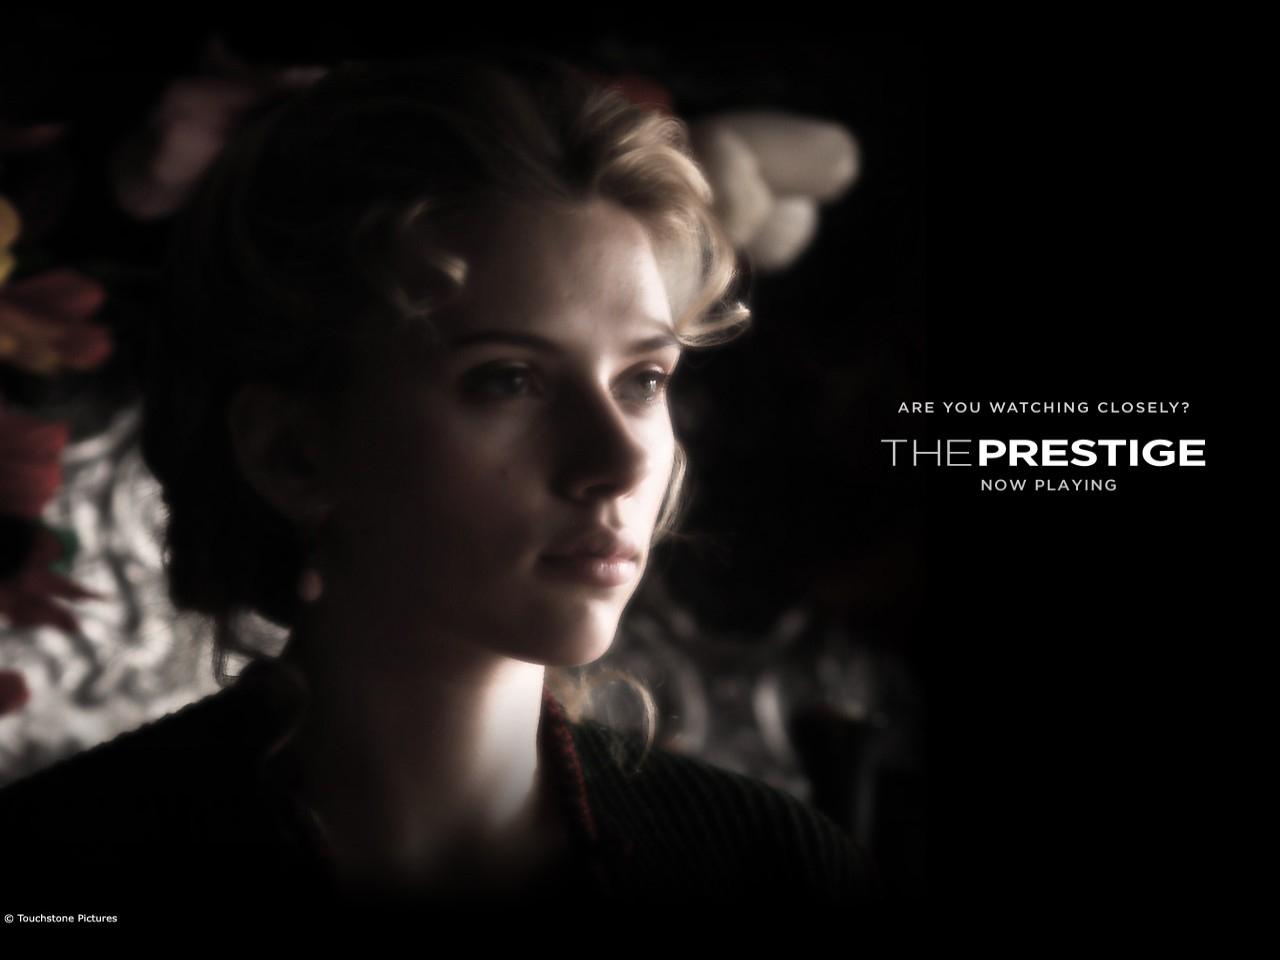 Wallpaper del film The Prestige con Scarlett Johansson